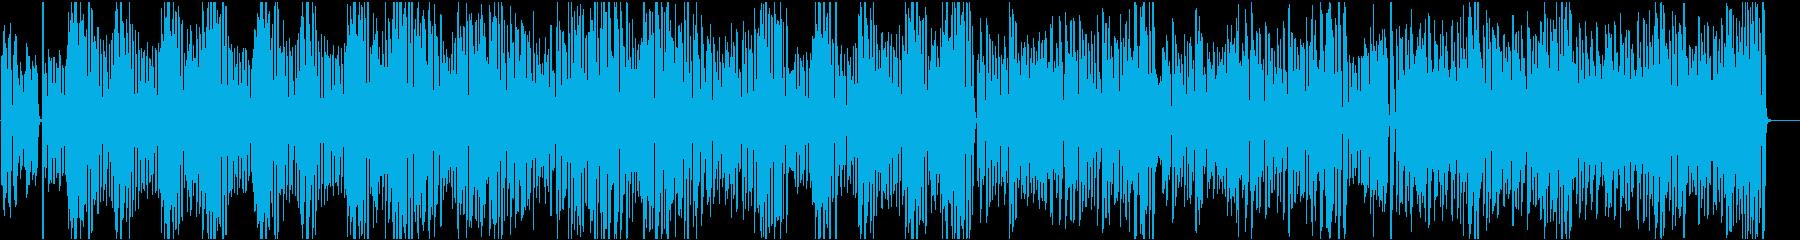 ピアノ名曲 ラグタイムと言えばこの曲の再生済みの波形